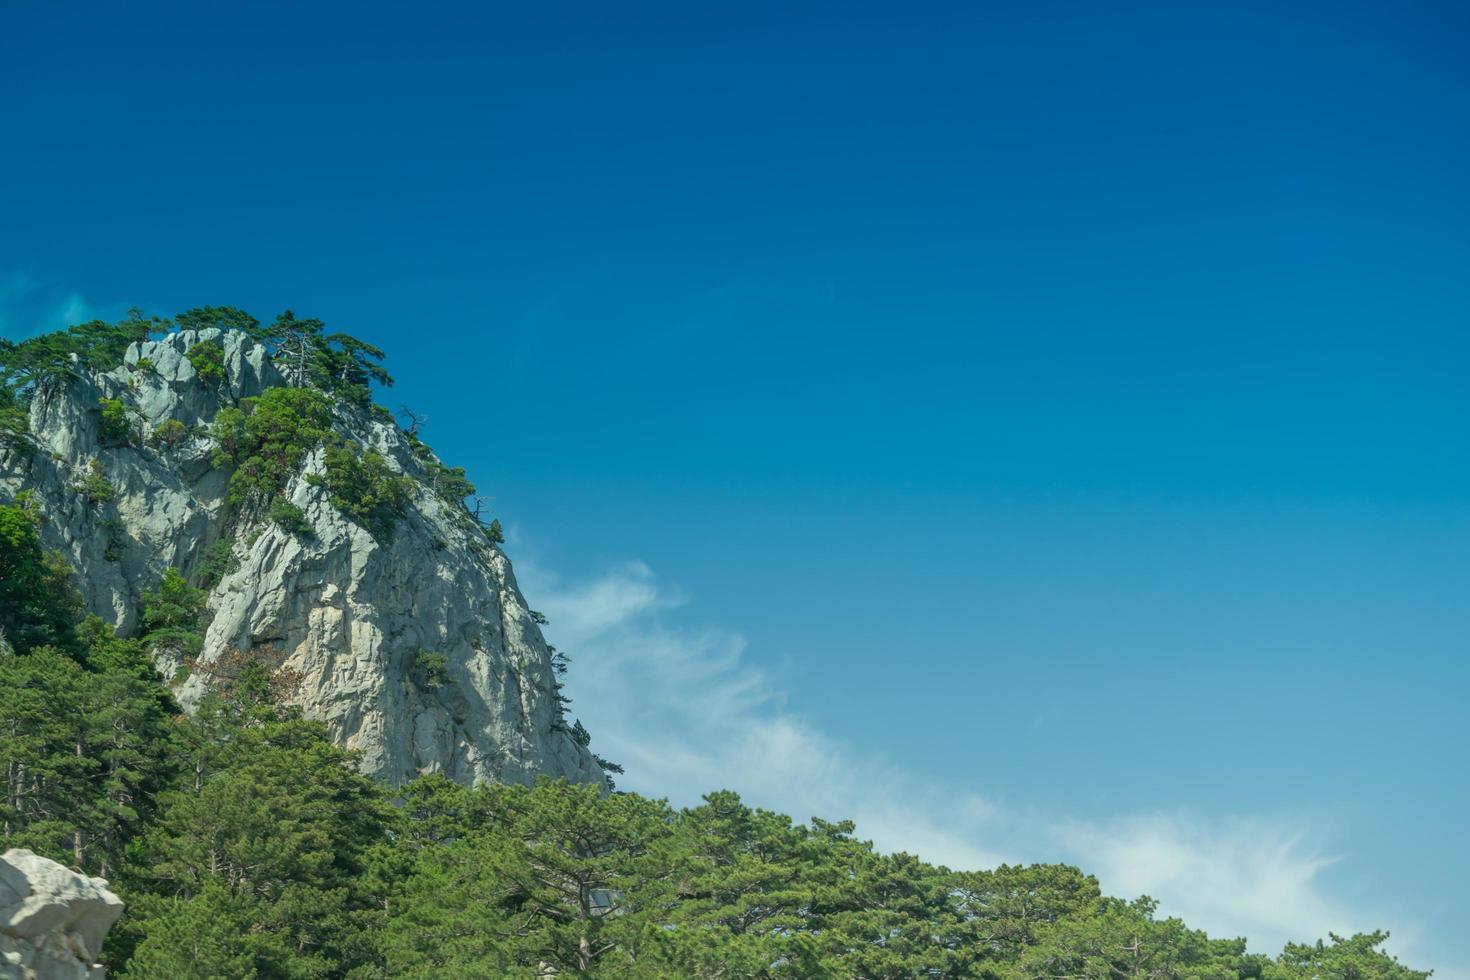 berglandschap met bossen op blauwe hemelachtergrond foto